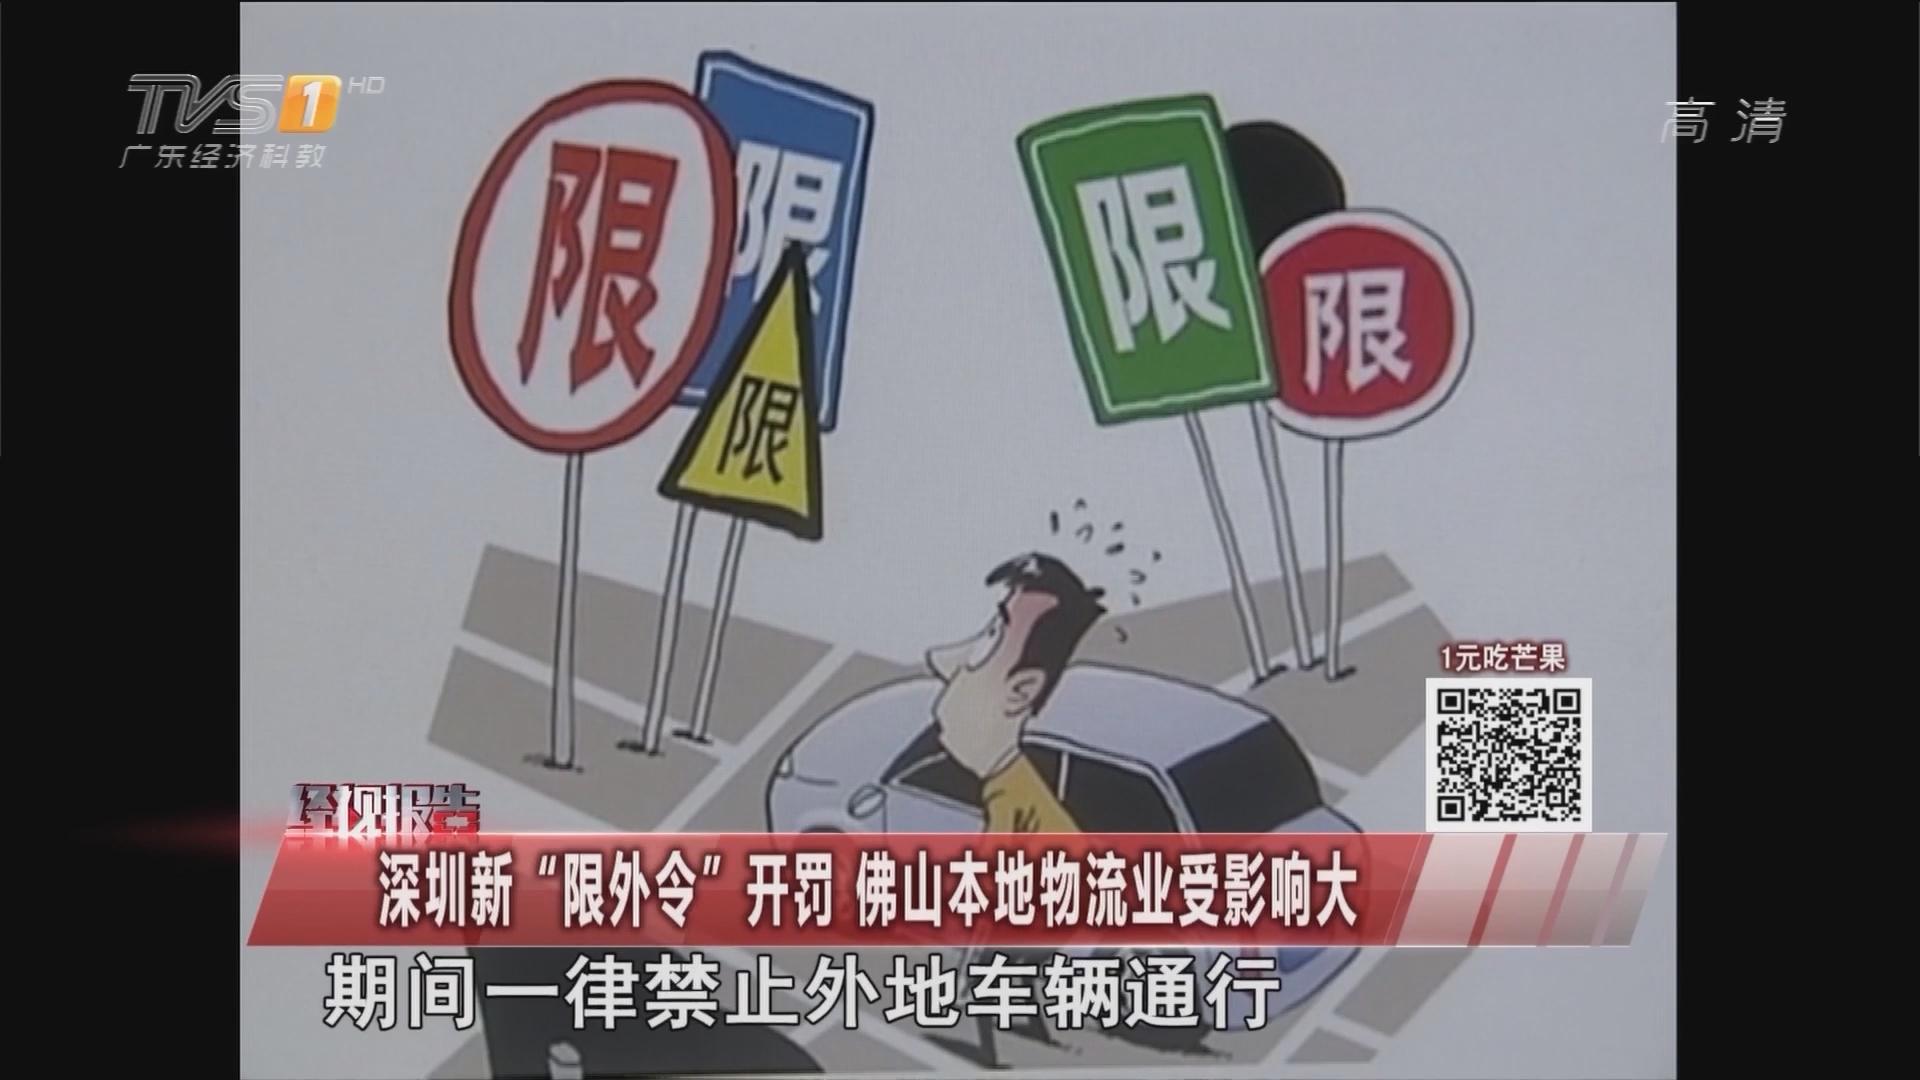 """深圳新""""限外令""""开罚 佛山本地物流业受影响大"""